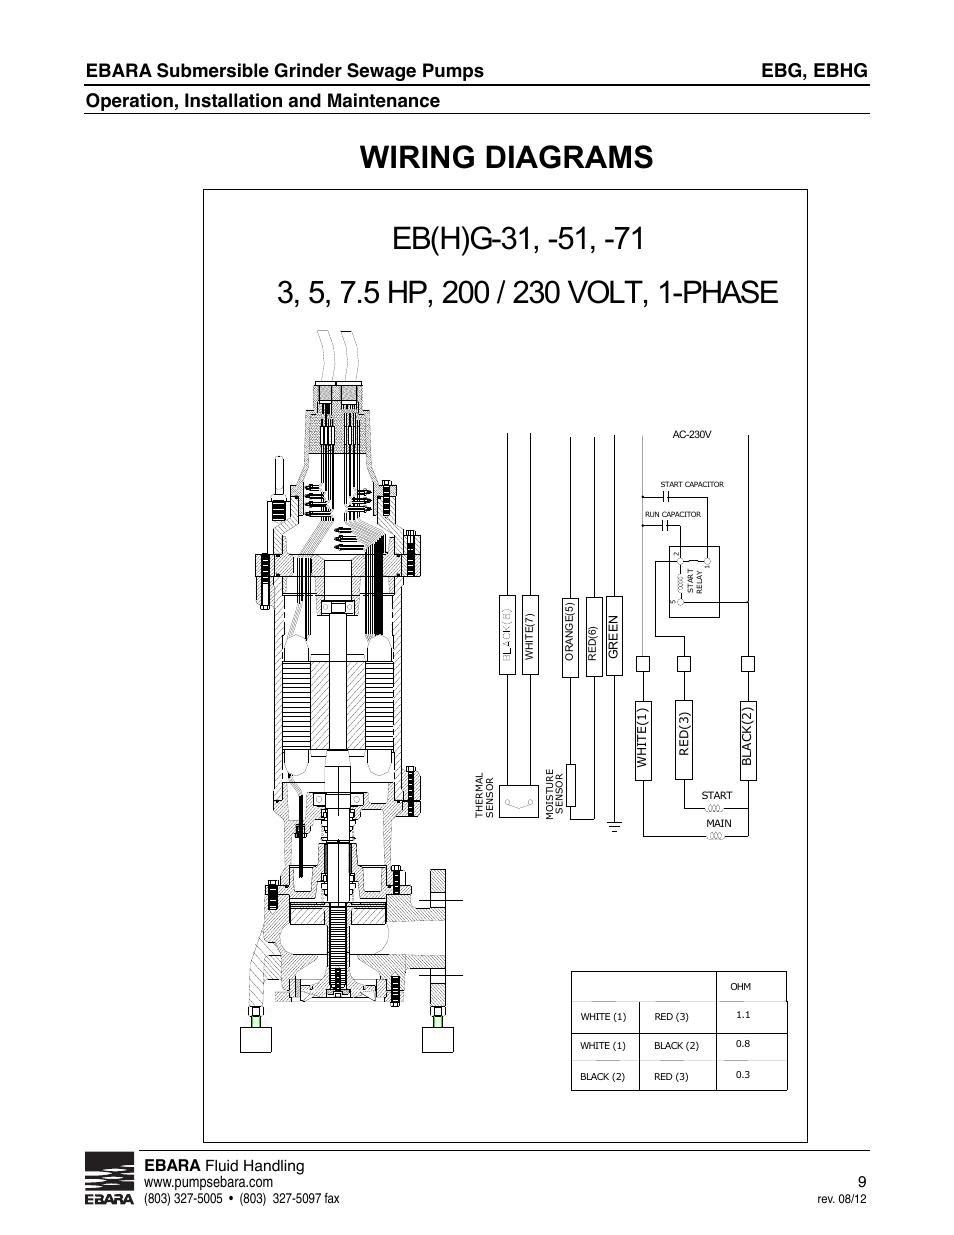 Ebg  Ebhg  Ebara Submersible Grinder Sewage Pumps  Operation  Installation And Maintenance